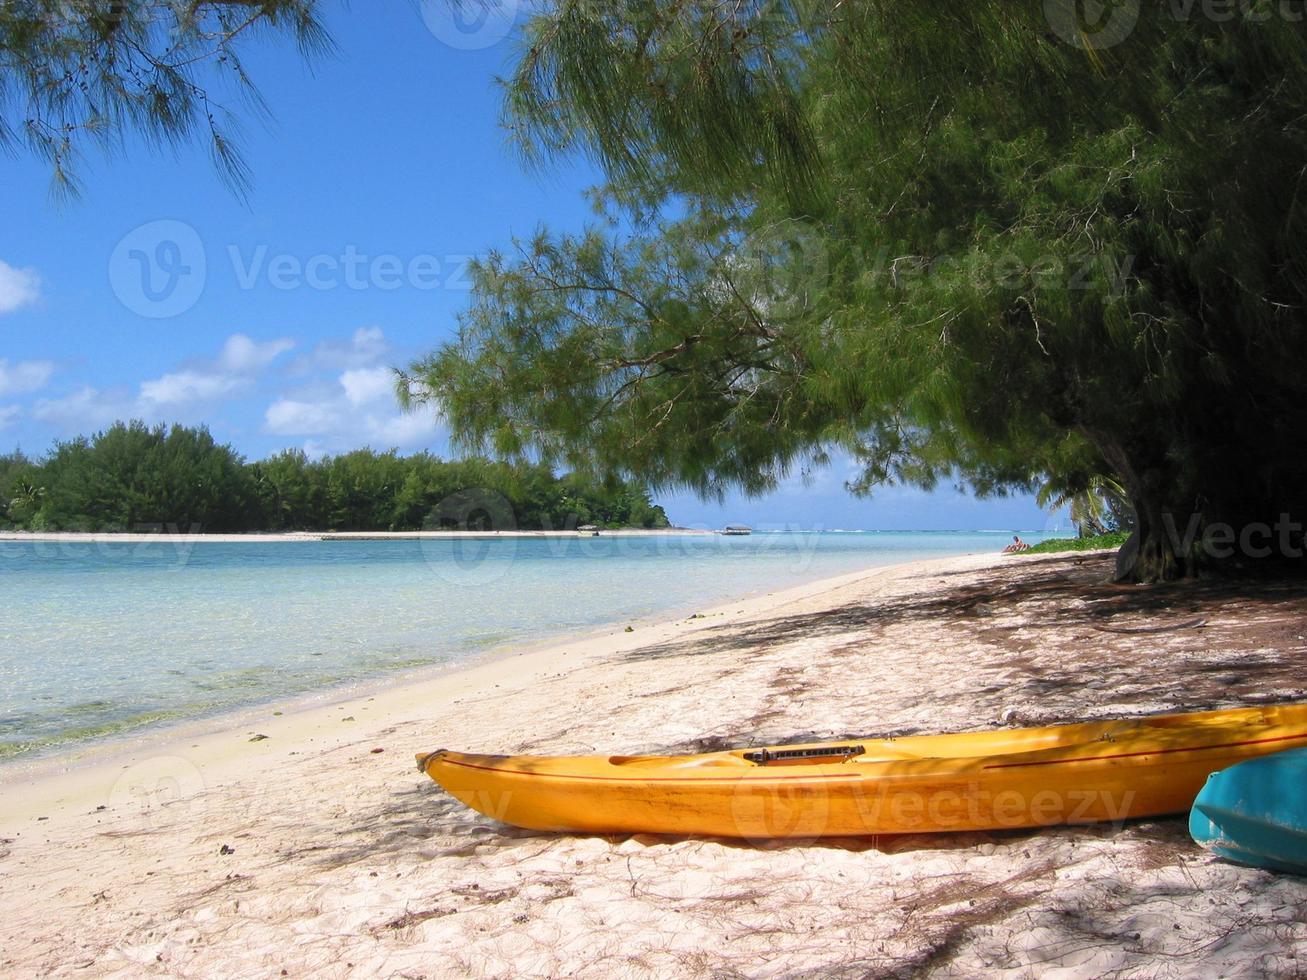 Cookeilanden foto